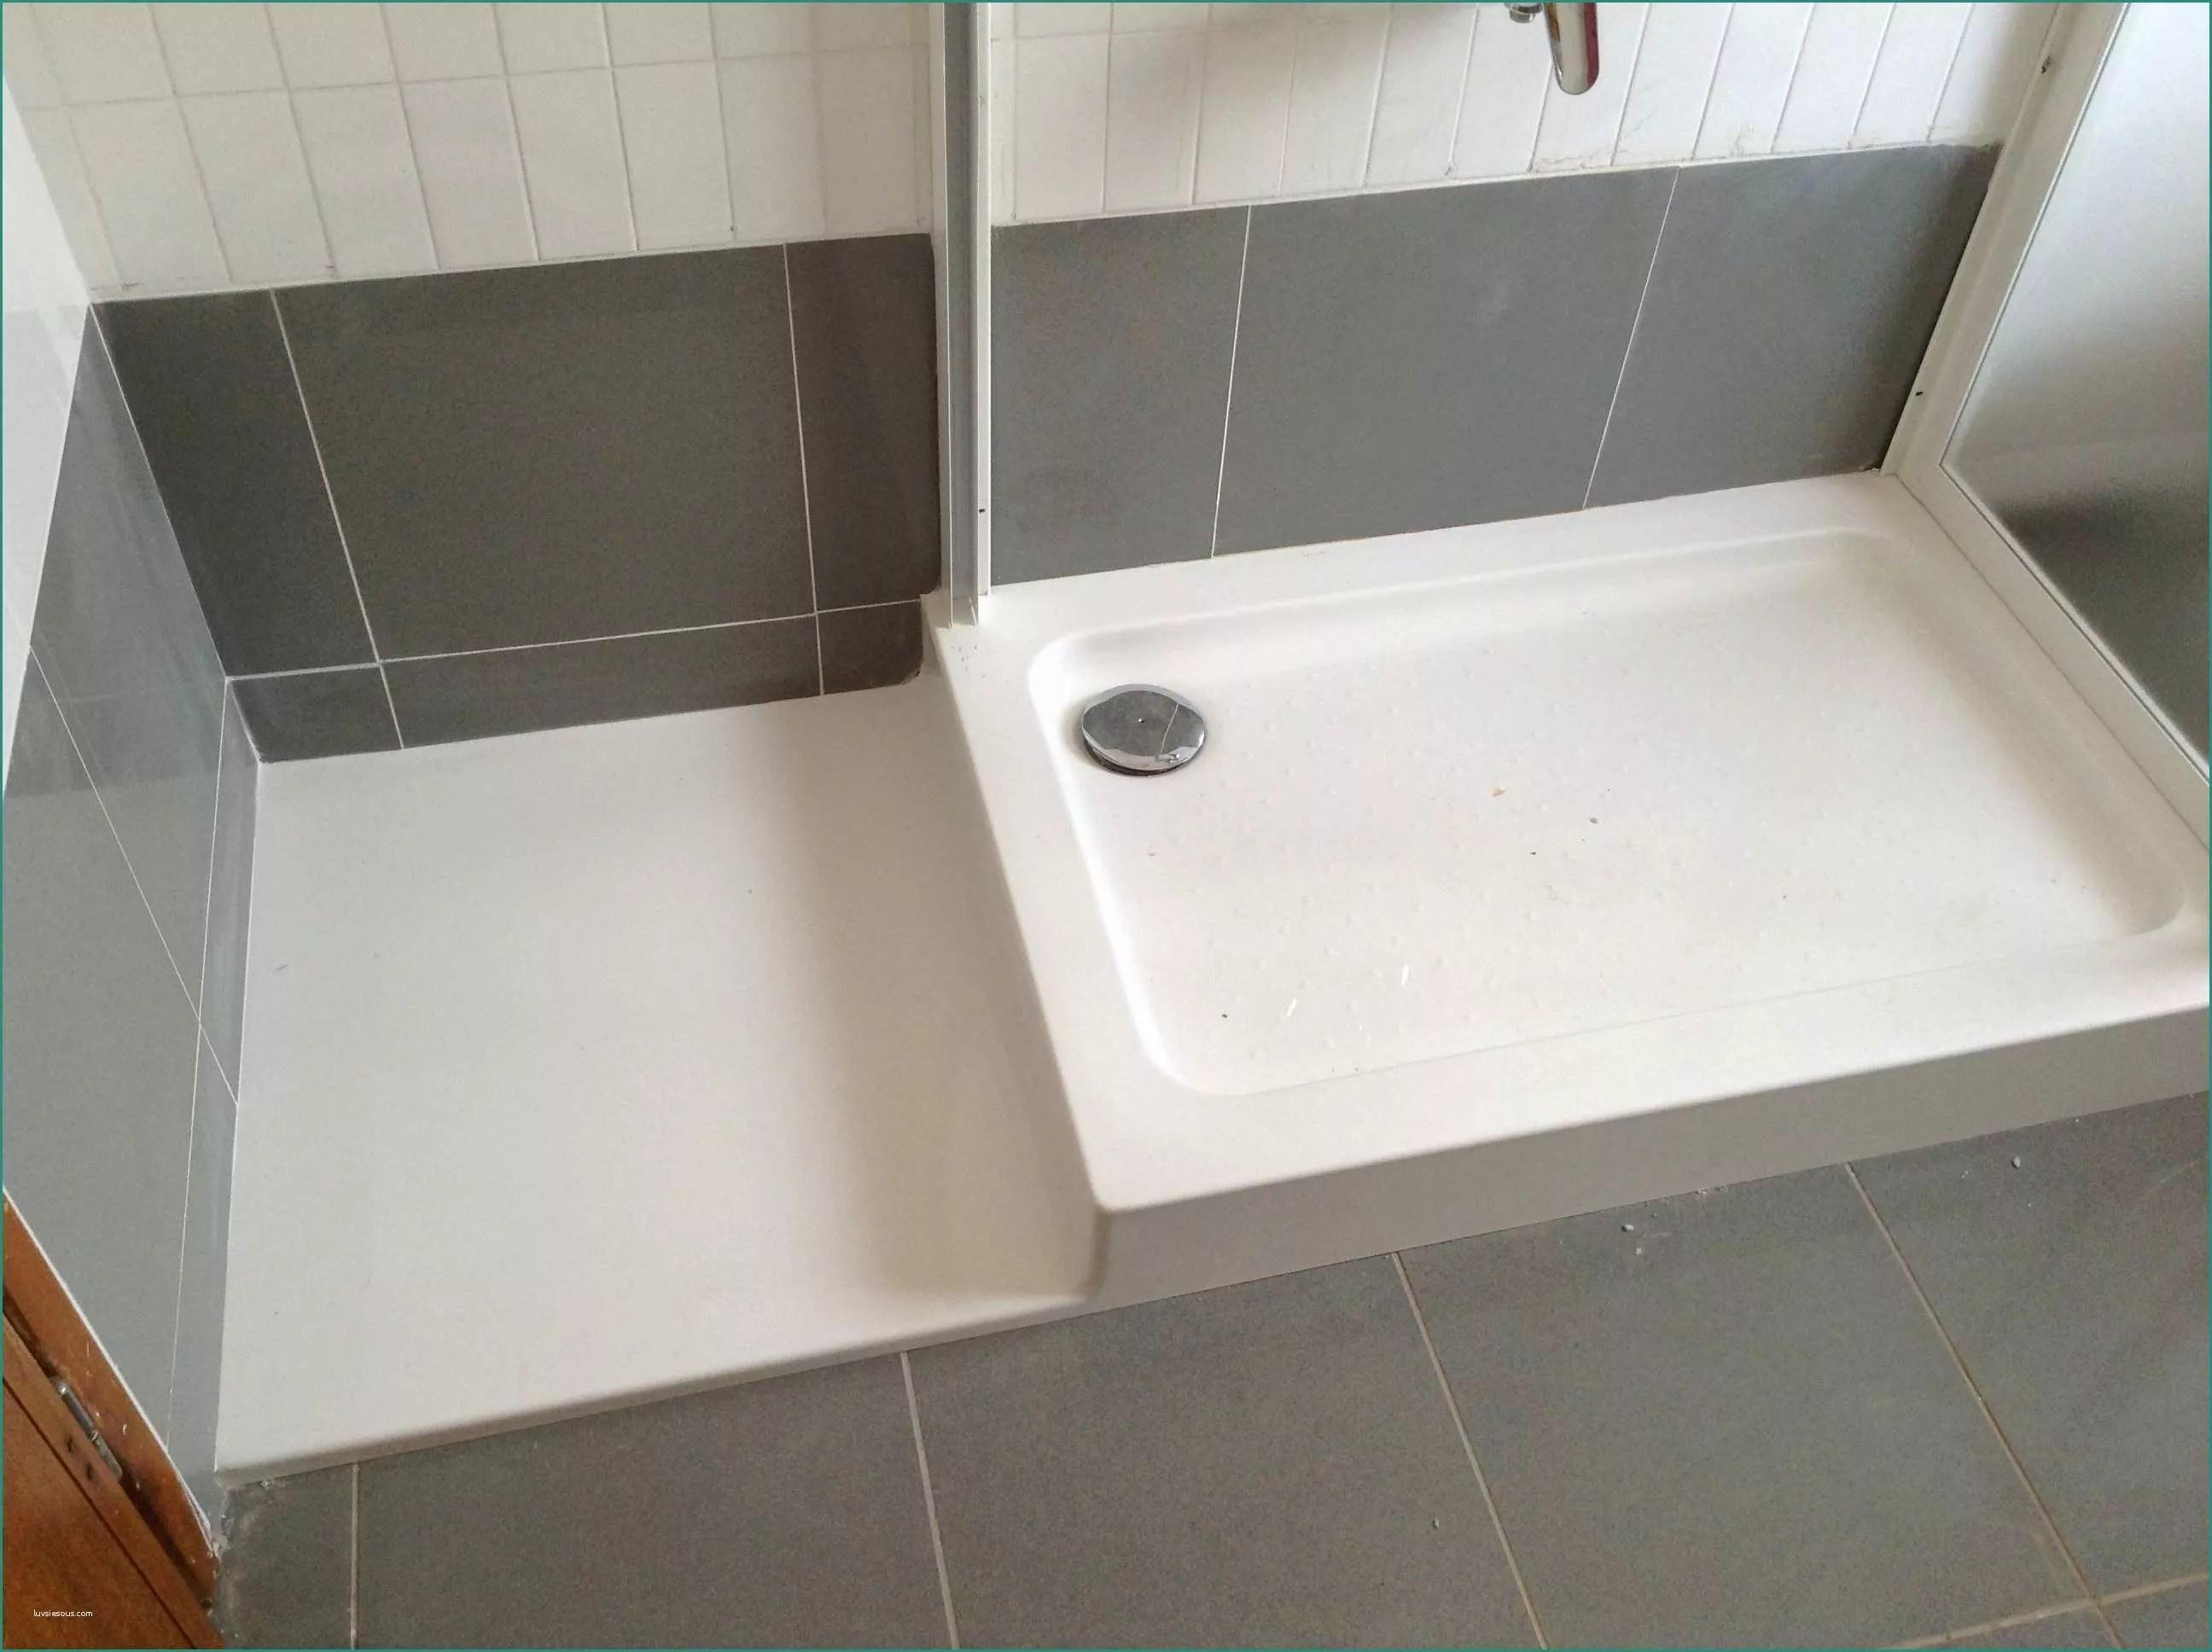 Dimensioni Vasca Da Bagno A Sedere : Vasca da bagno con seduta di piccole dimensioni